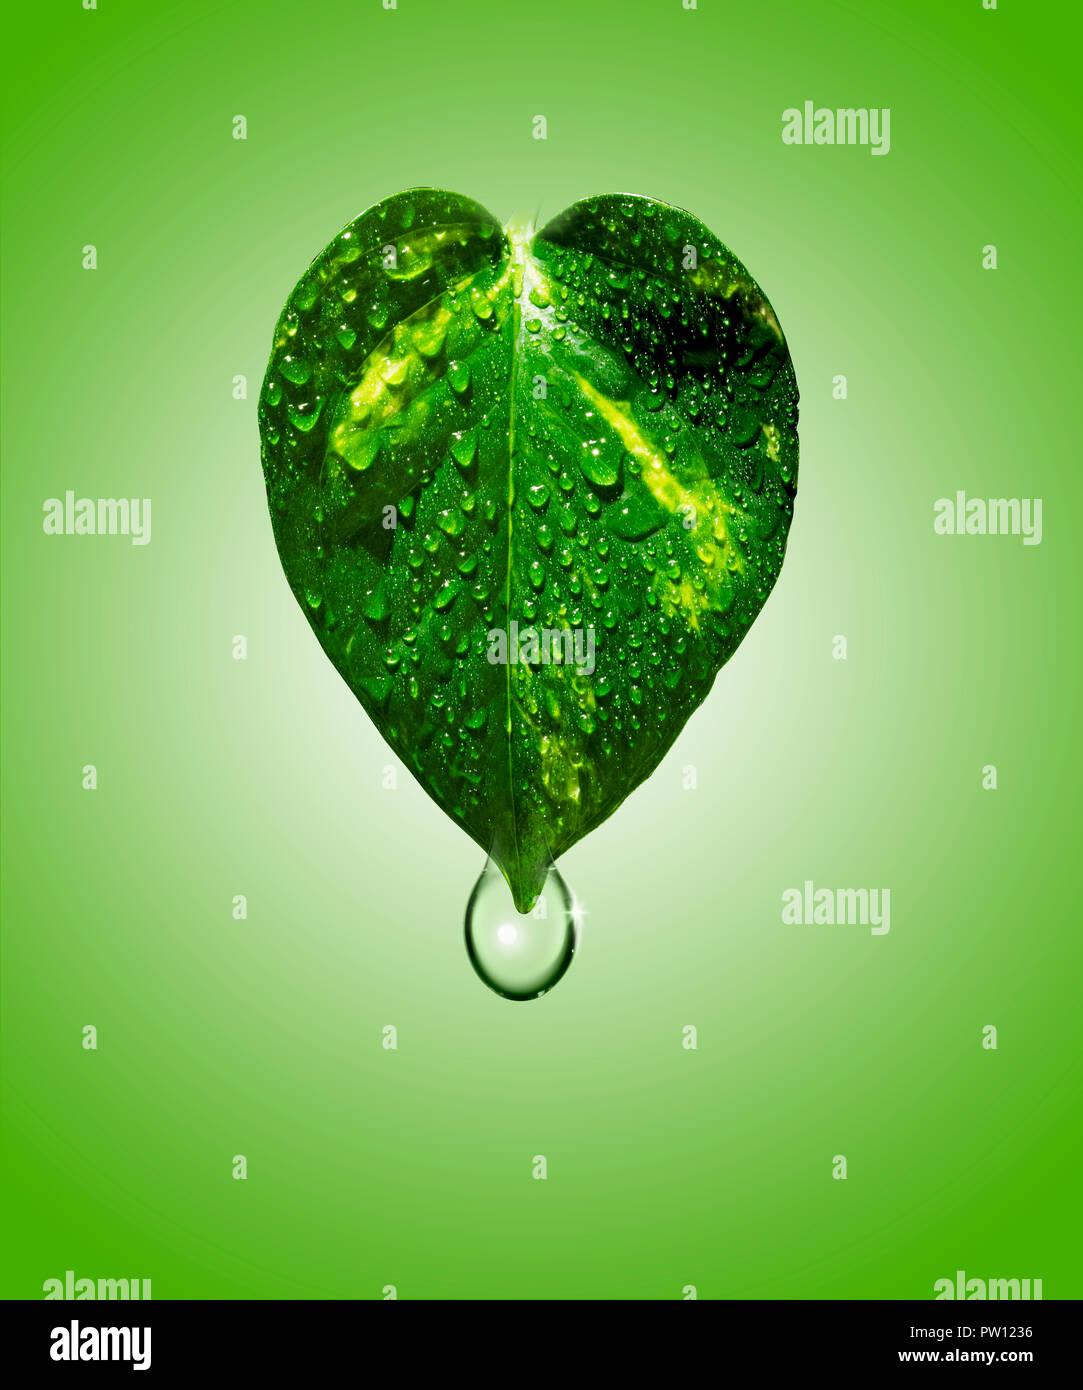 Konzept ein Blatt von Golden Pothos Pflanze mit Wasser Tropfen Tropfen, Hydratation, feuchtigkeitsspendende, Kosmetik Stockbild